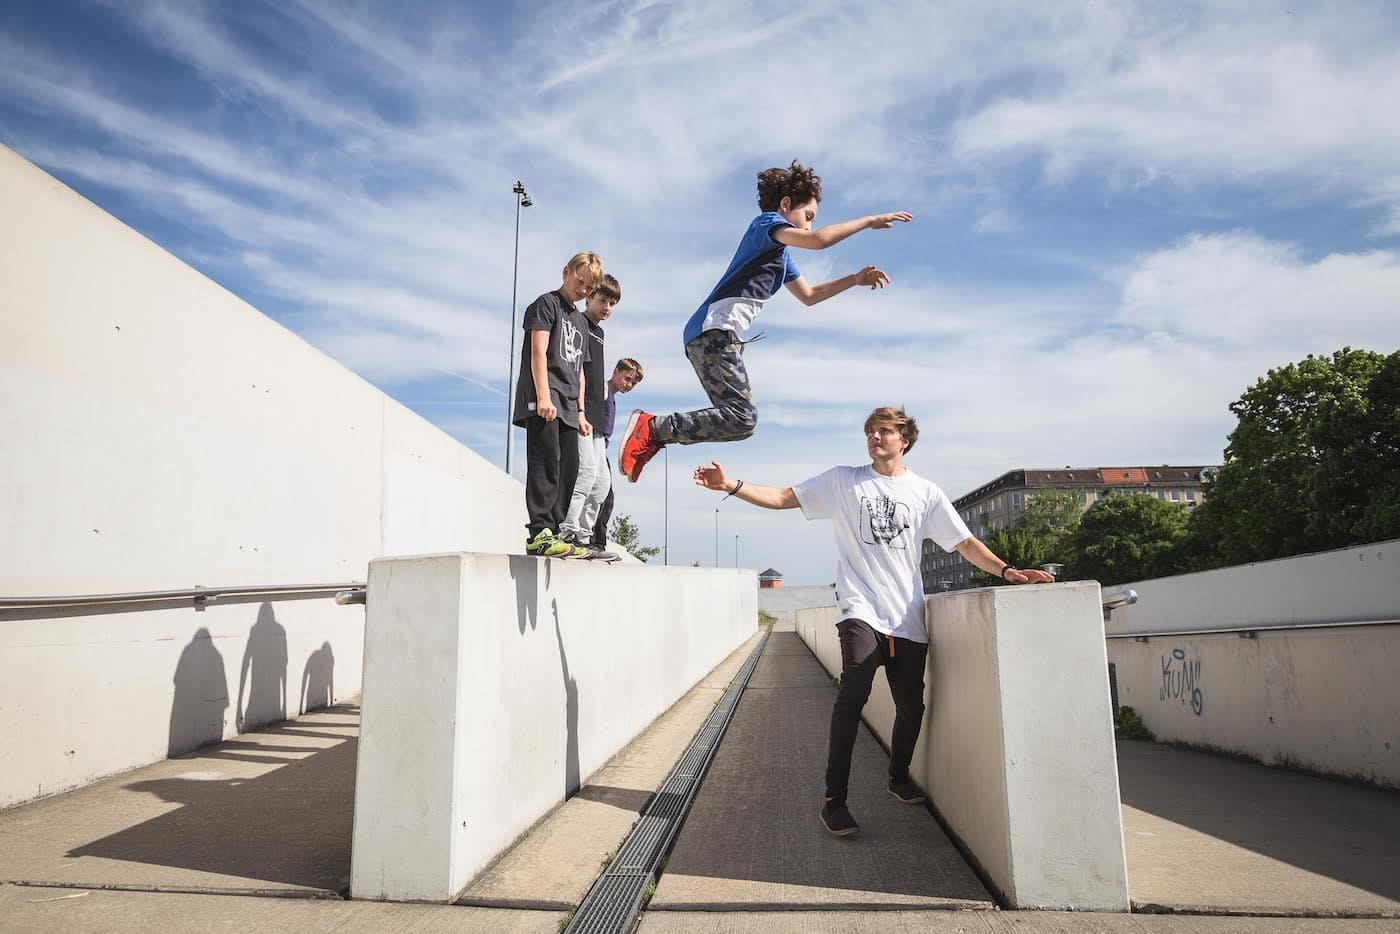 Sommerferien-Kurs Parkour für Kinder in Berlin // HIMBEER